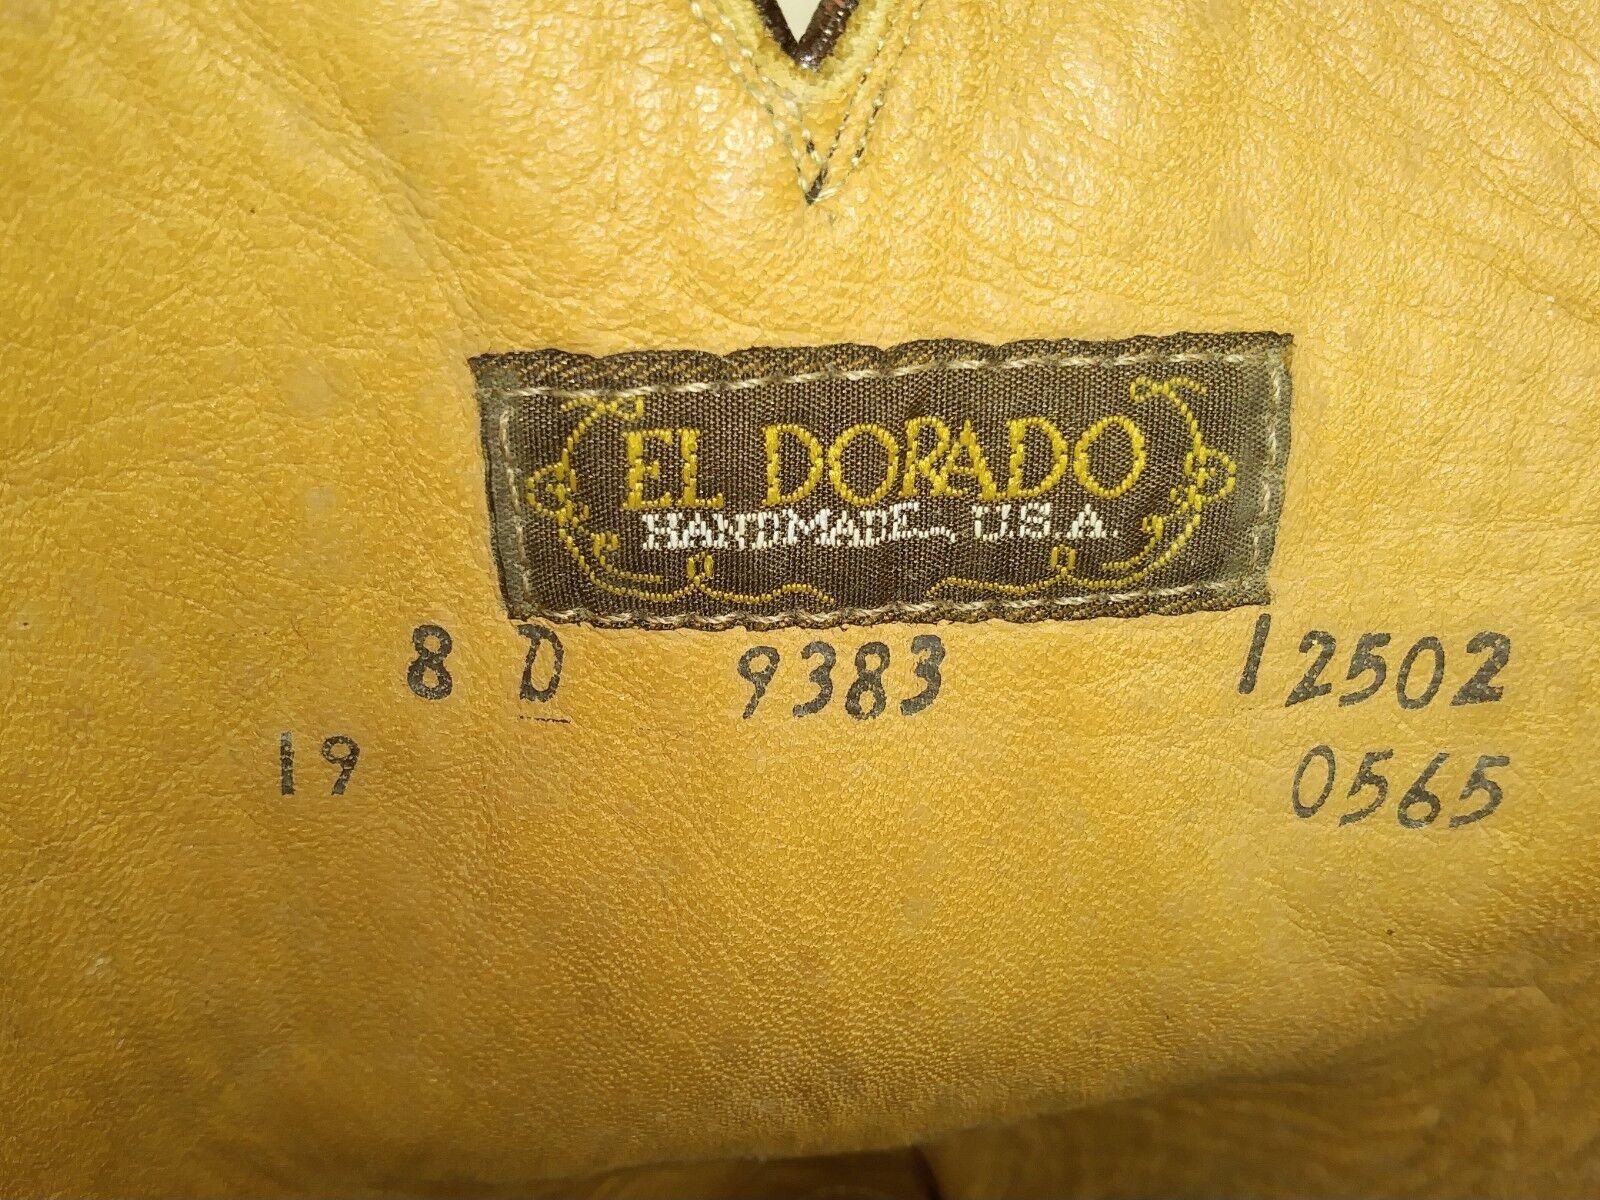 El El El Dorado 9383 Mens stivali US 8 D Burgundy Leather Cowboy Rockabilly 2485 b2cda6